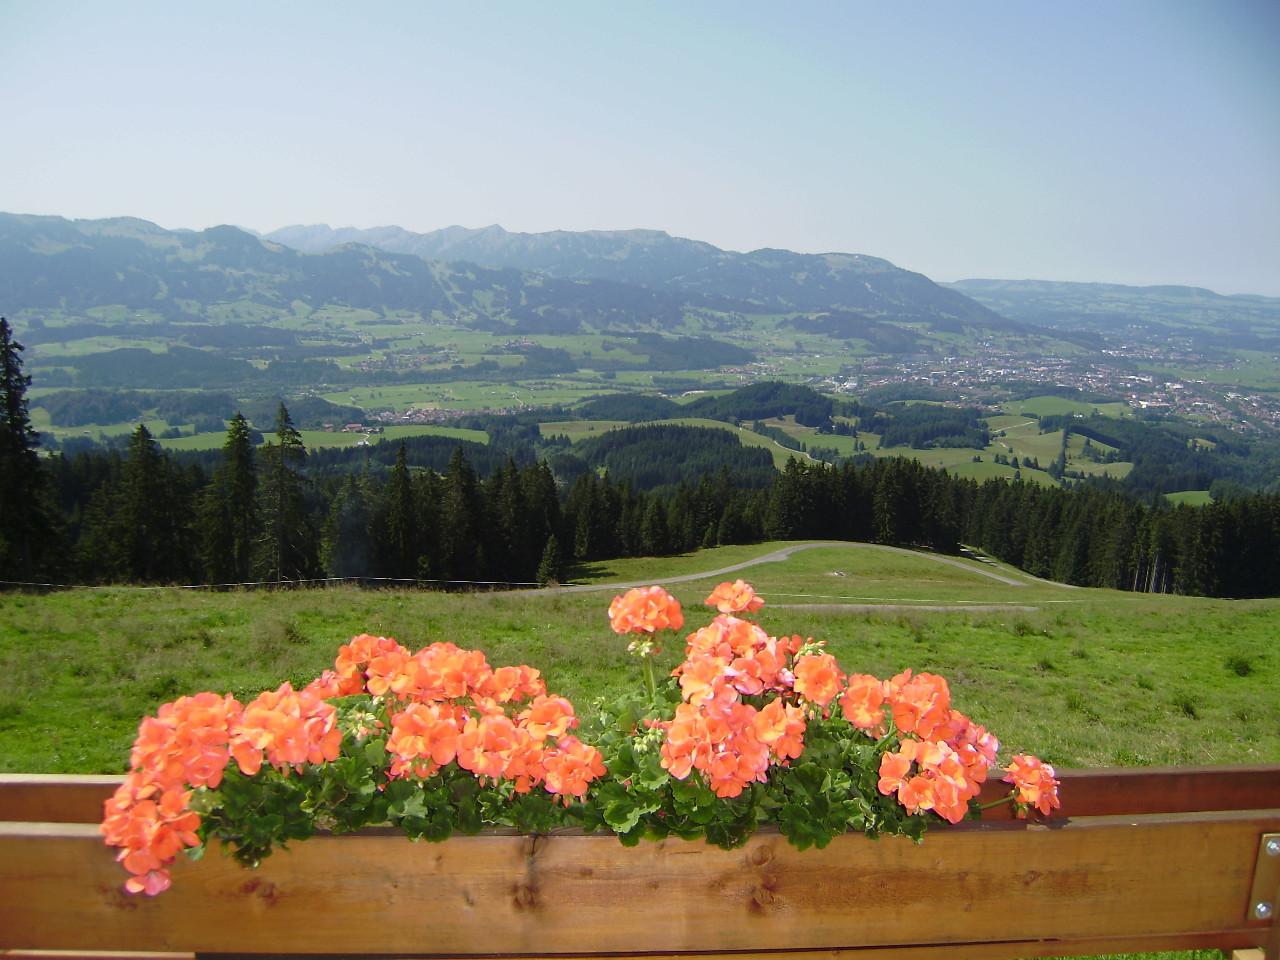 Balkonblumen mit Allgäuer Alpen im Hintergrund | Berggasthof Sonne Imberg in Sonthofen